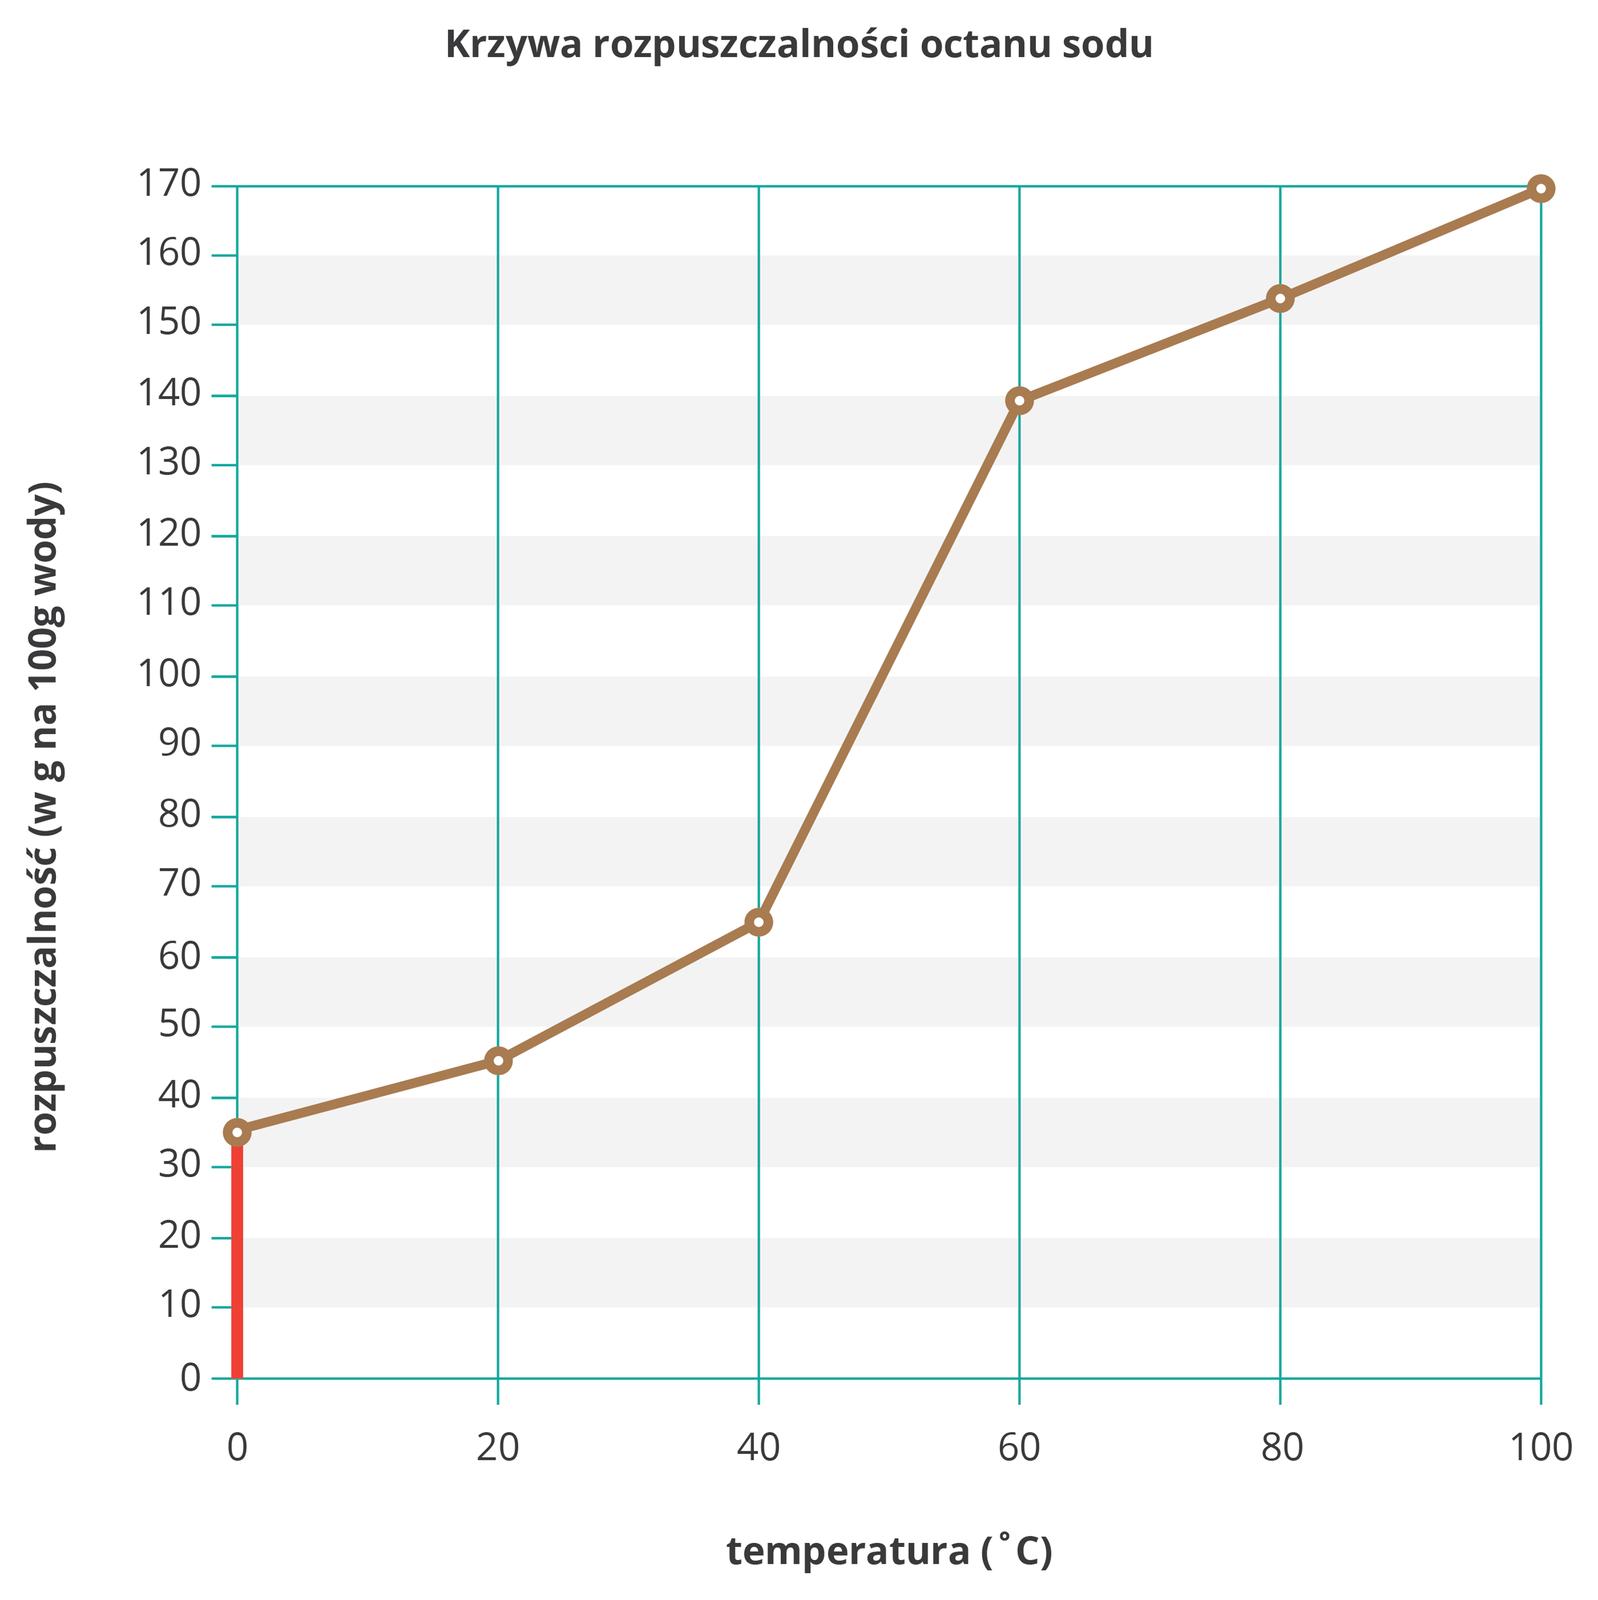 Ilustracja przedstawia wykres krzywej rozpuszczalności octanu sodu wwodzie zwyróżnionym za pomocą pionowej czerwonej kreski rozpuszczalności dla temperatury zera stopni Celsjusza. Sama krzywa jest bardzo nieregularna, wzakresie temperatur od zera do czterdziestu stopni iod sześćdziesięciu do stu stopni przyrost przebiega stopniowo, awzakresie od czterdziestu do sześćdziesięciu stopni bardzo gwałtownie.